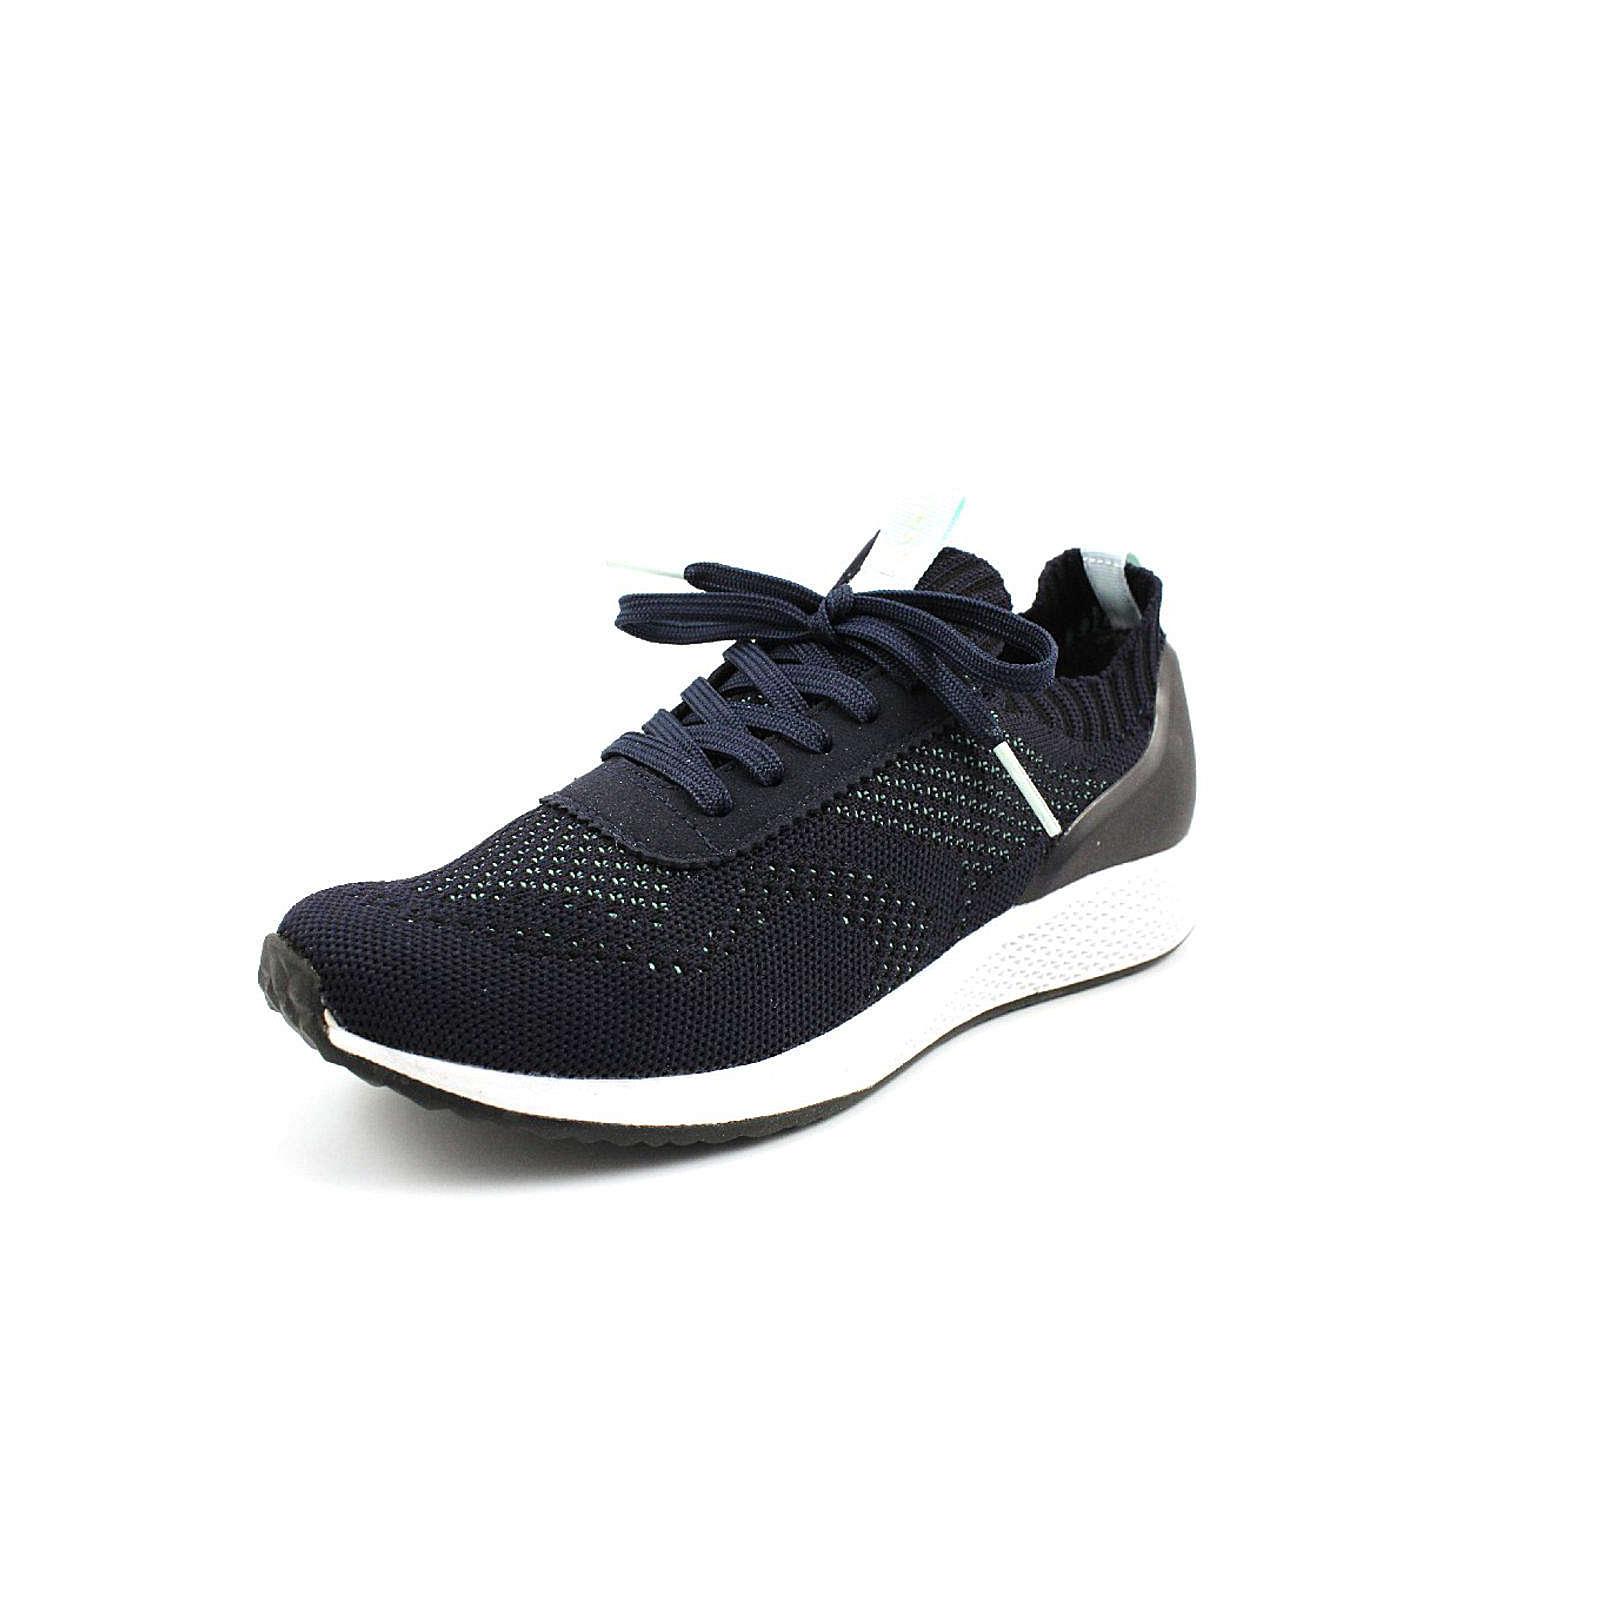 Tamaris Sneakers blau blau Damen Gr. 42